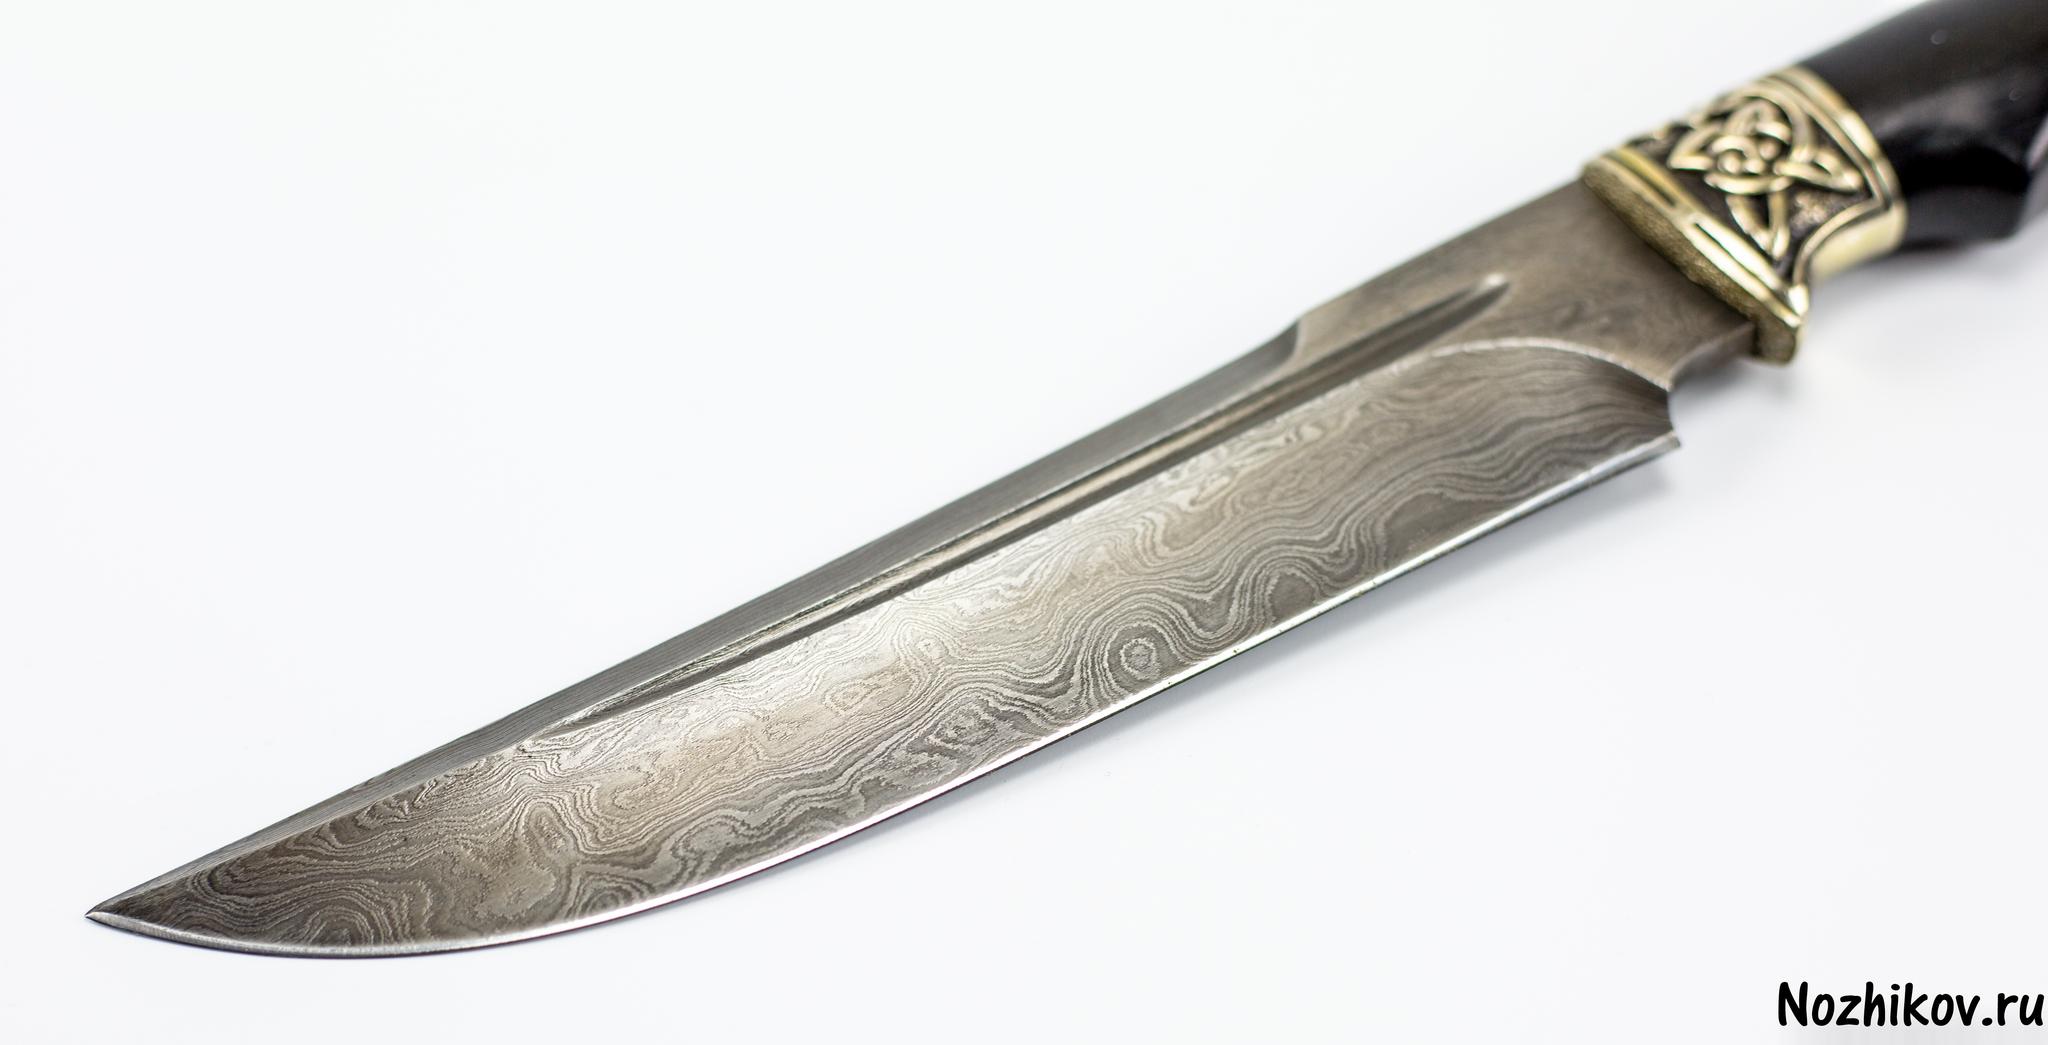 Фото 20 - Авторский Нож из Дамаска №18, Кизляр от Noname